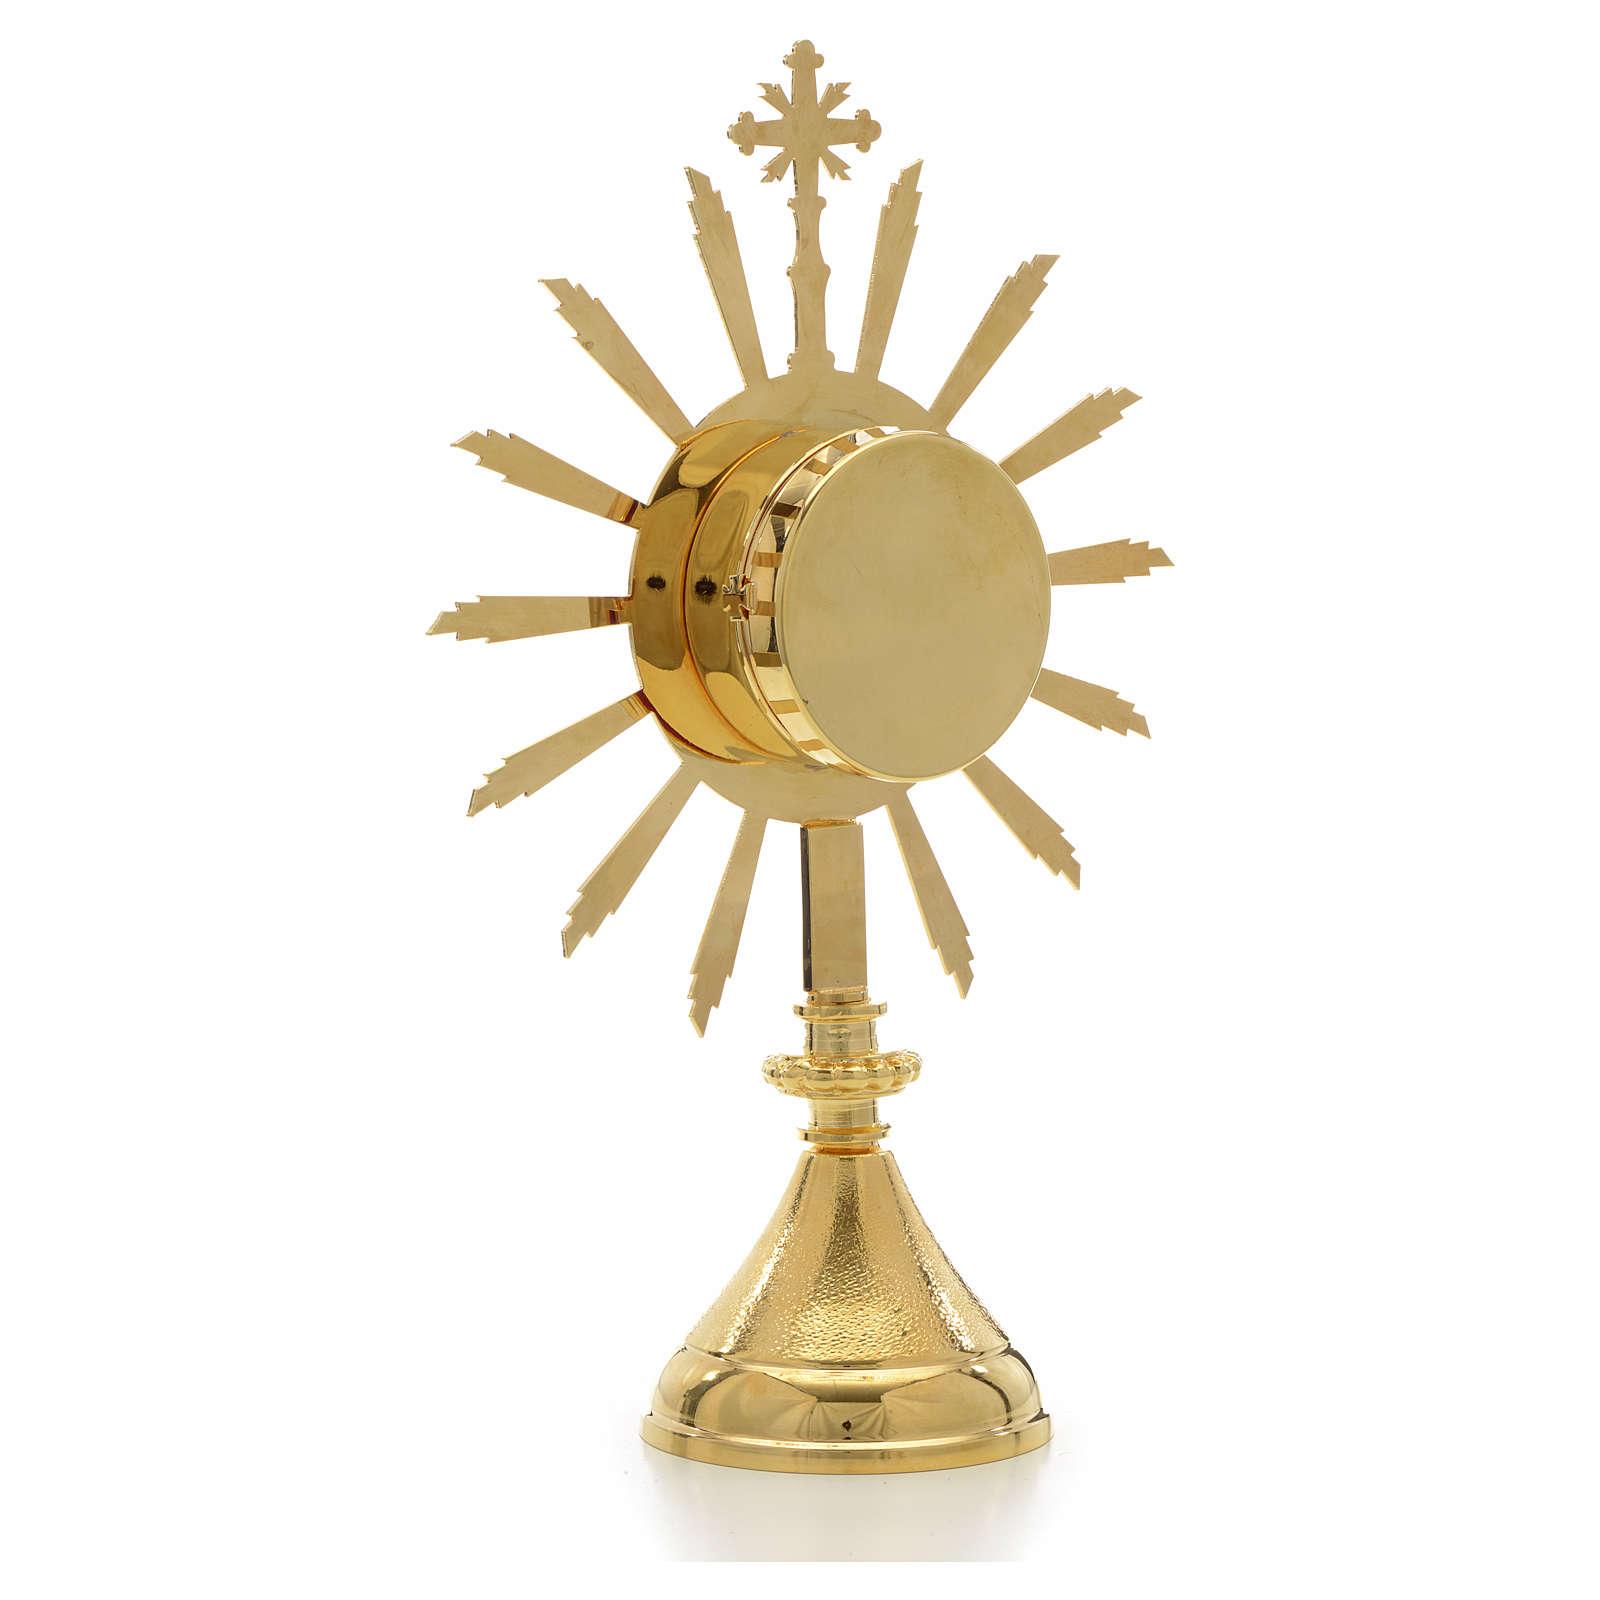 Reliquiario sole diam. 6 cm 4